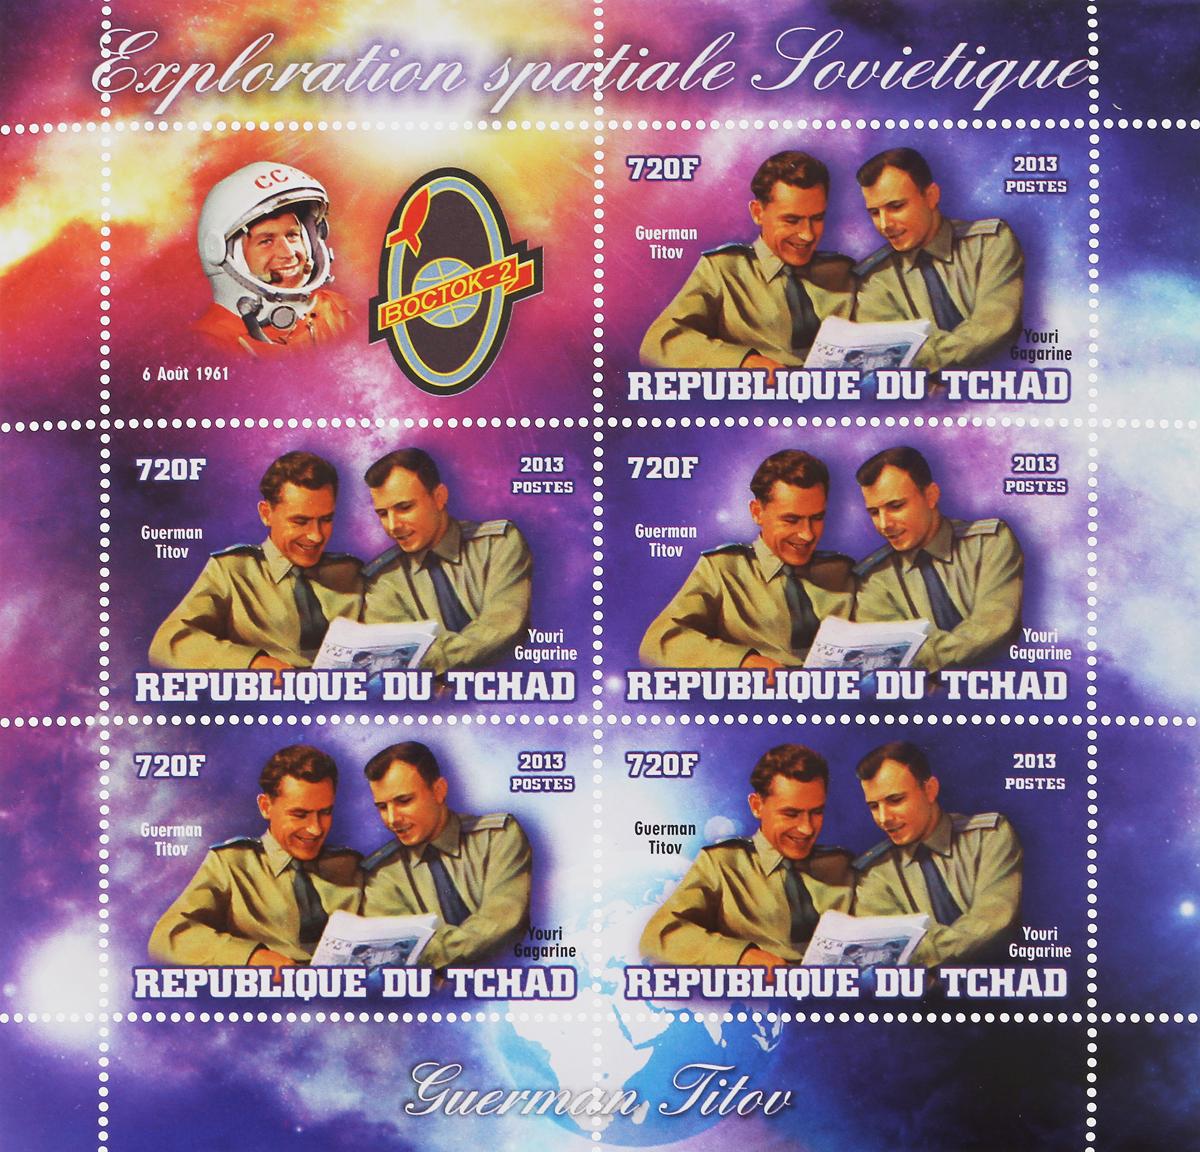 Малый лист Герман Титов и Юрий Гагарин из серии Советские космические исследования. Чад, 2013 год малый лист слоны чад 2013 год